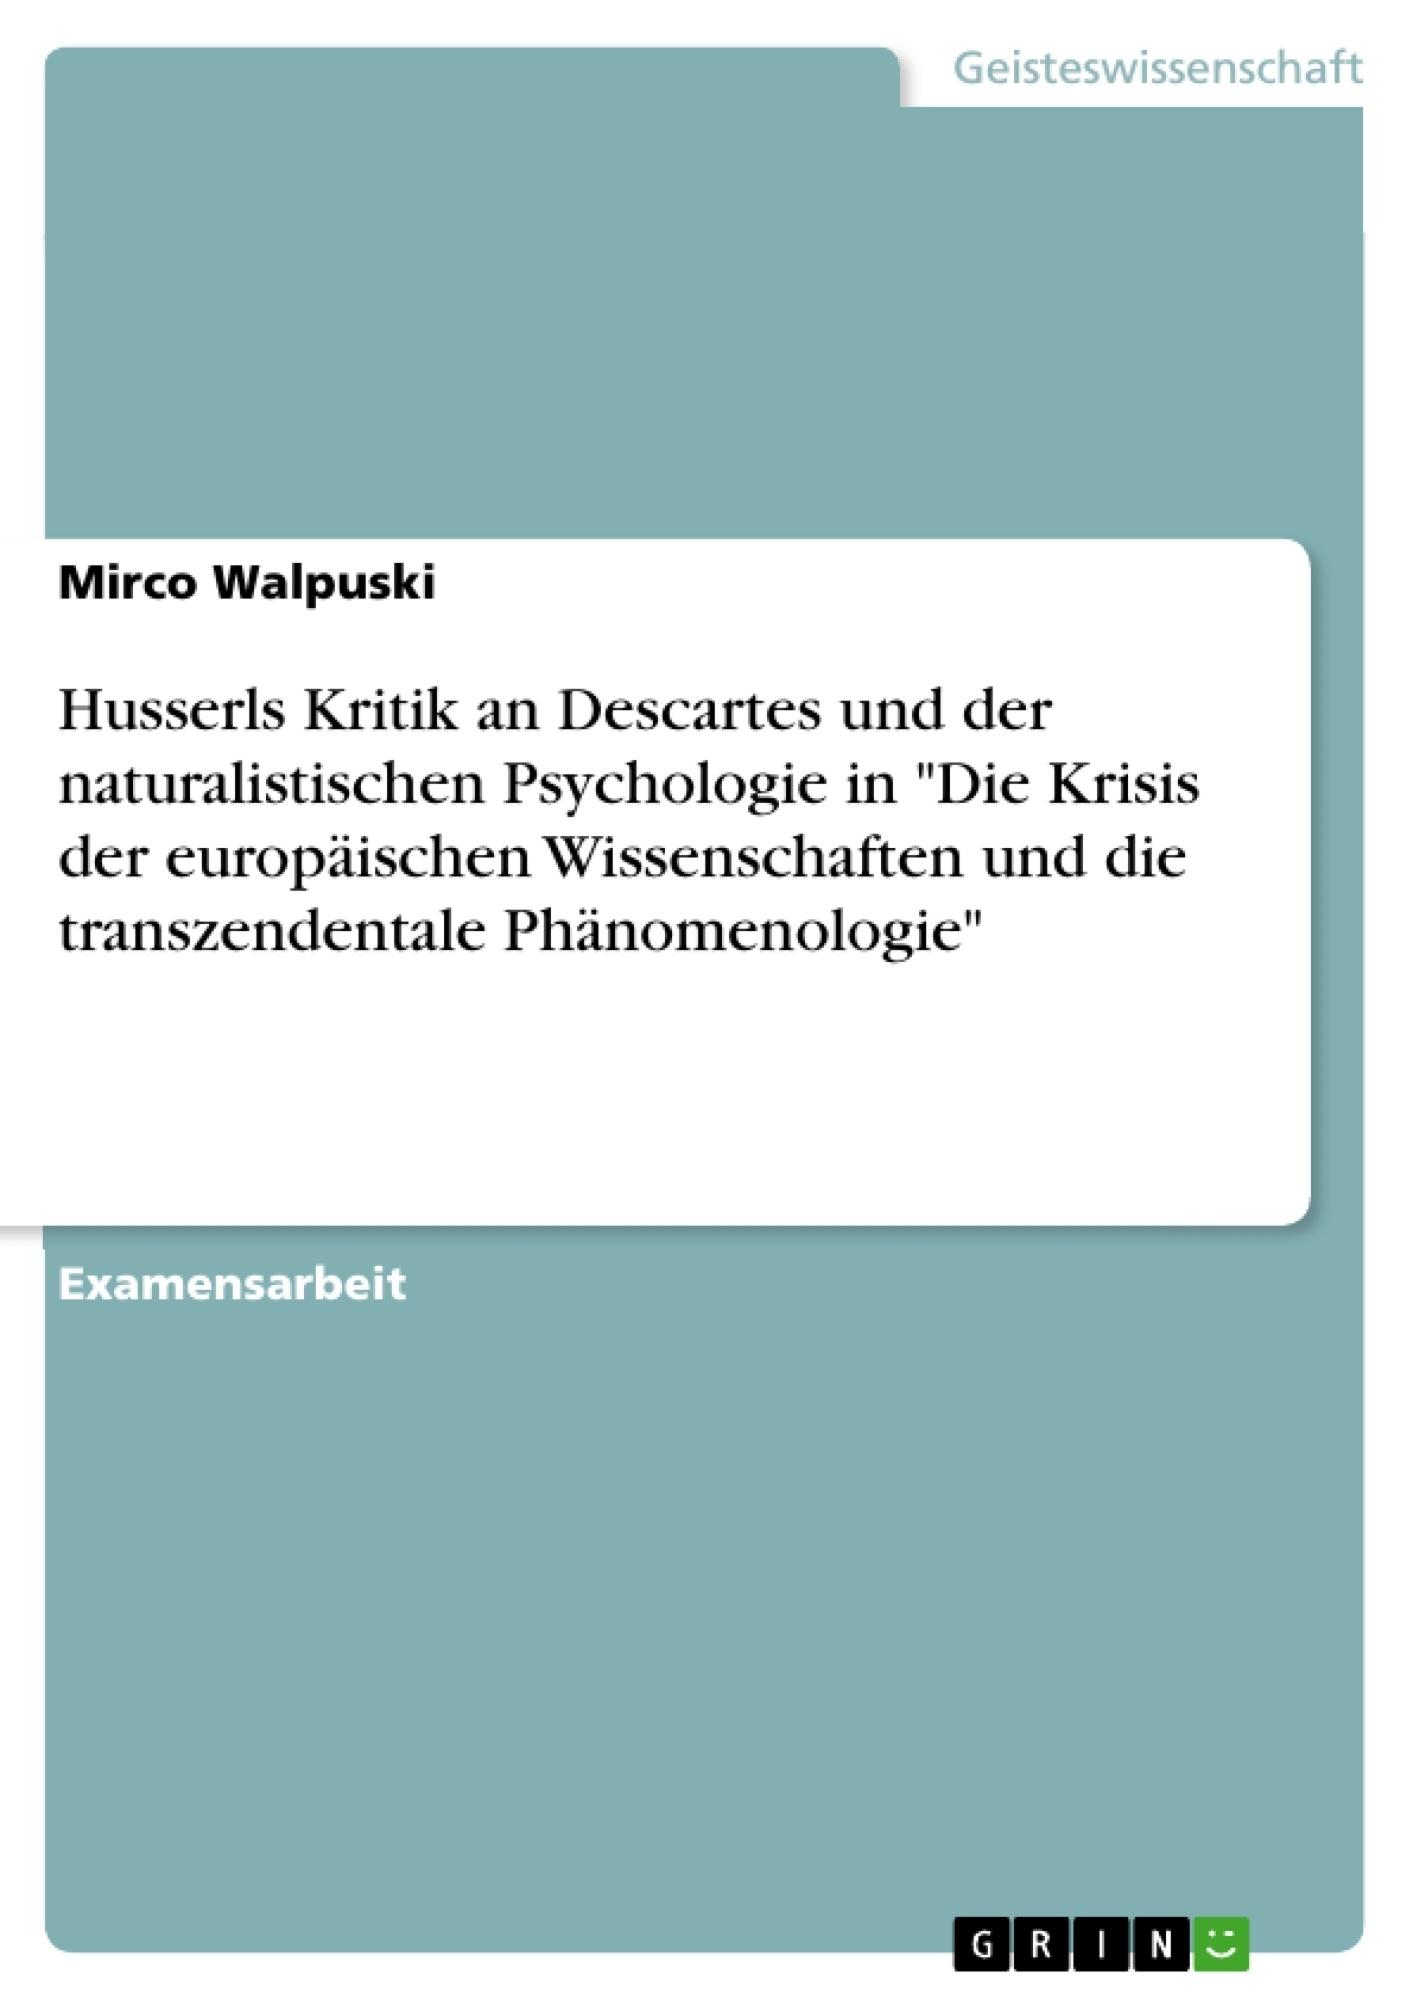 """Titel: Husserls Kritik an Descartes  und der naturalistischen Psychologie in """"Die Krisis der europäischen Wissenschaften und die transzendentale Phänomenologie"""""""